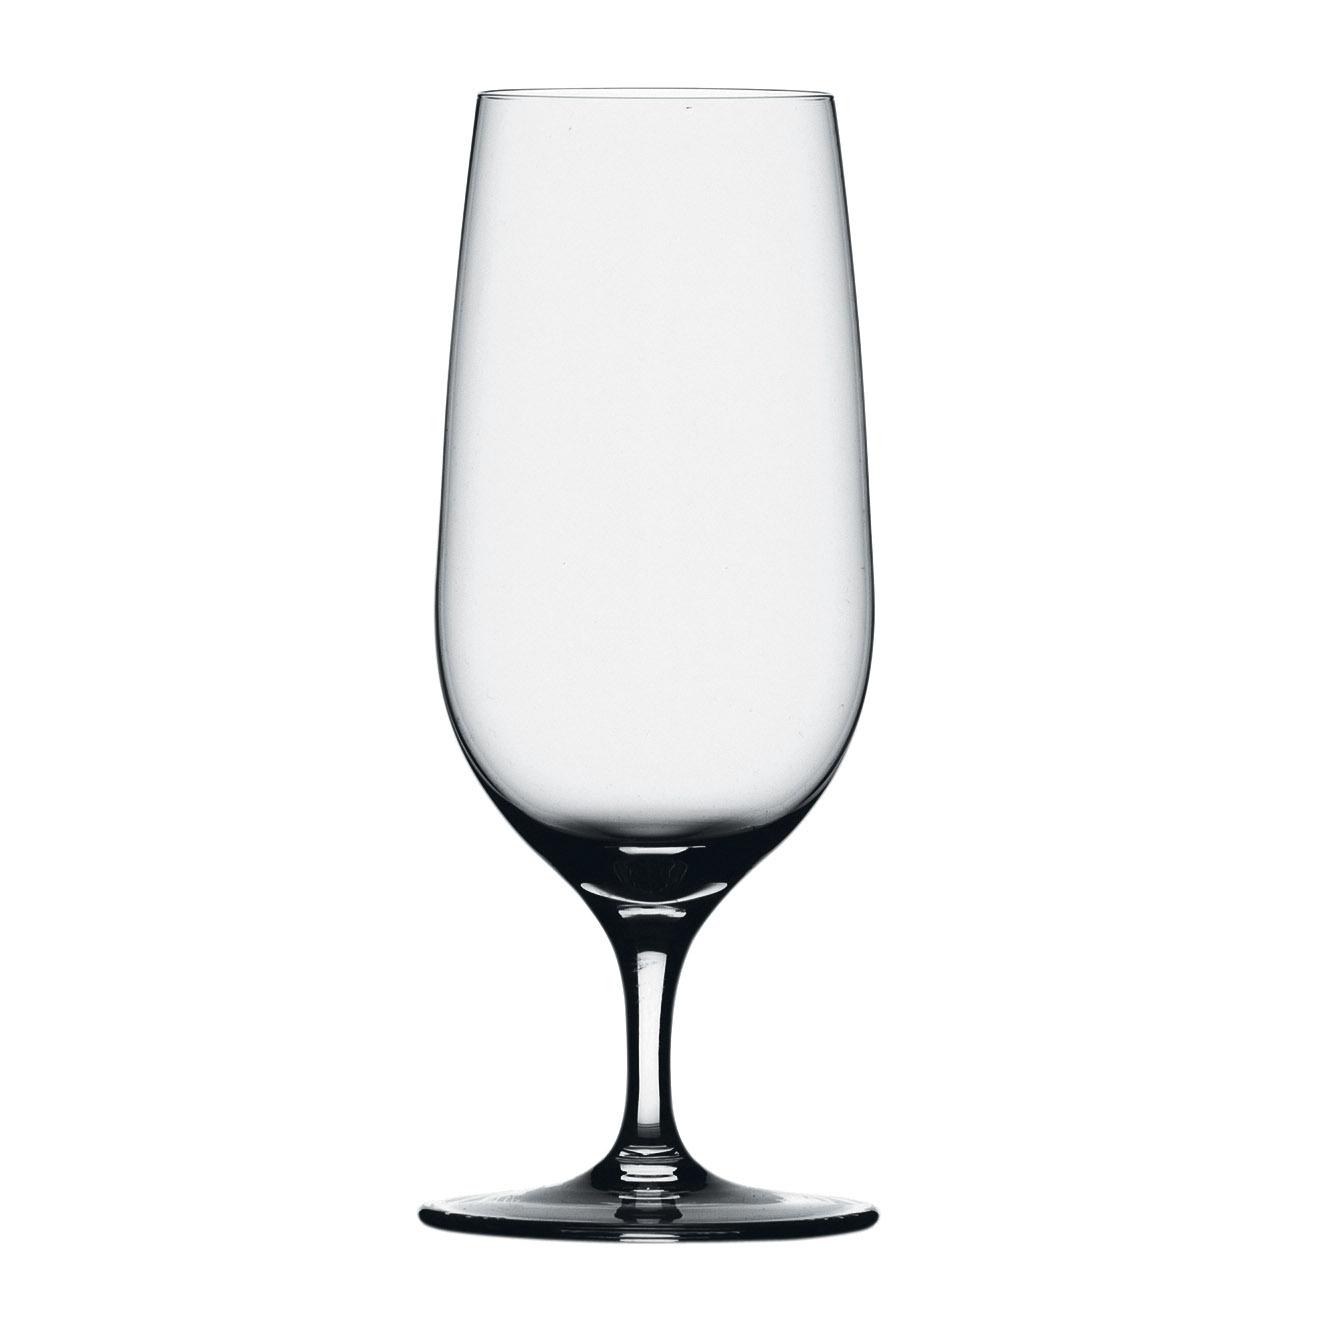 Súprava 6 pohárov na pivo Pilsner Grand Palais Exquisit Spiegelau